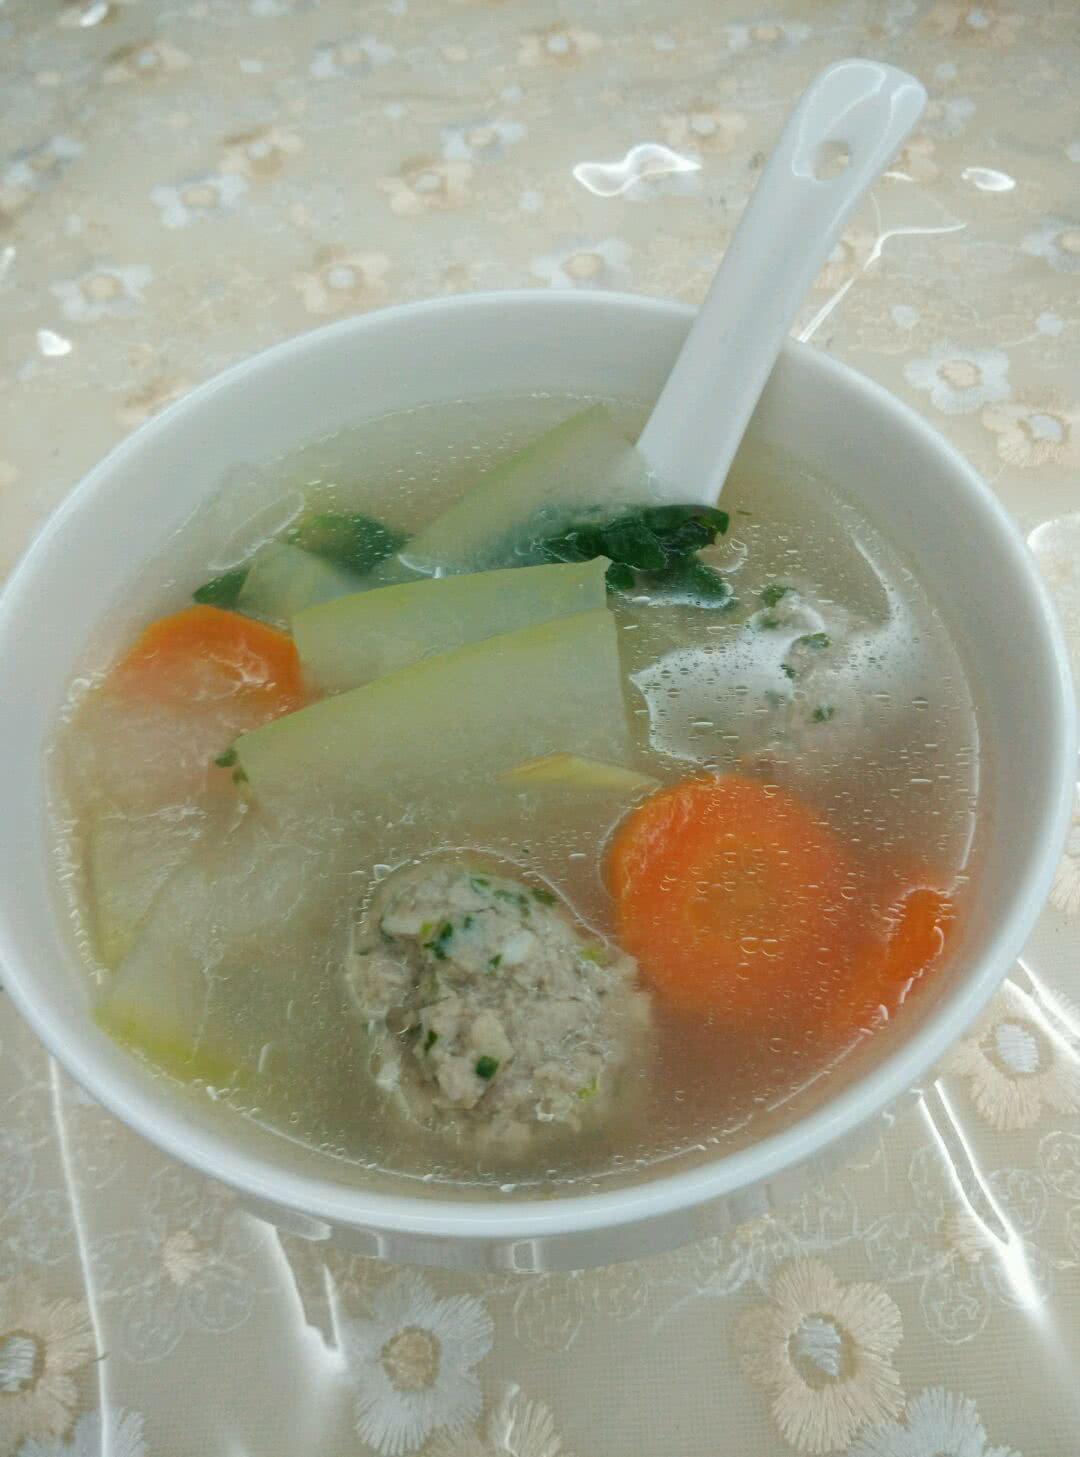 冬瓜肉丸汤的做法图解1